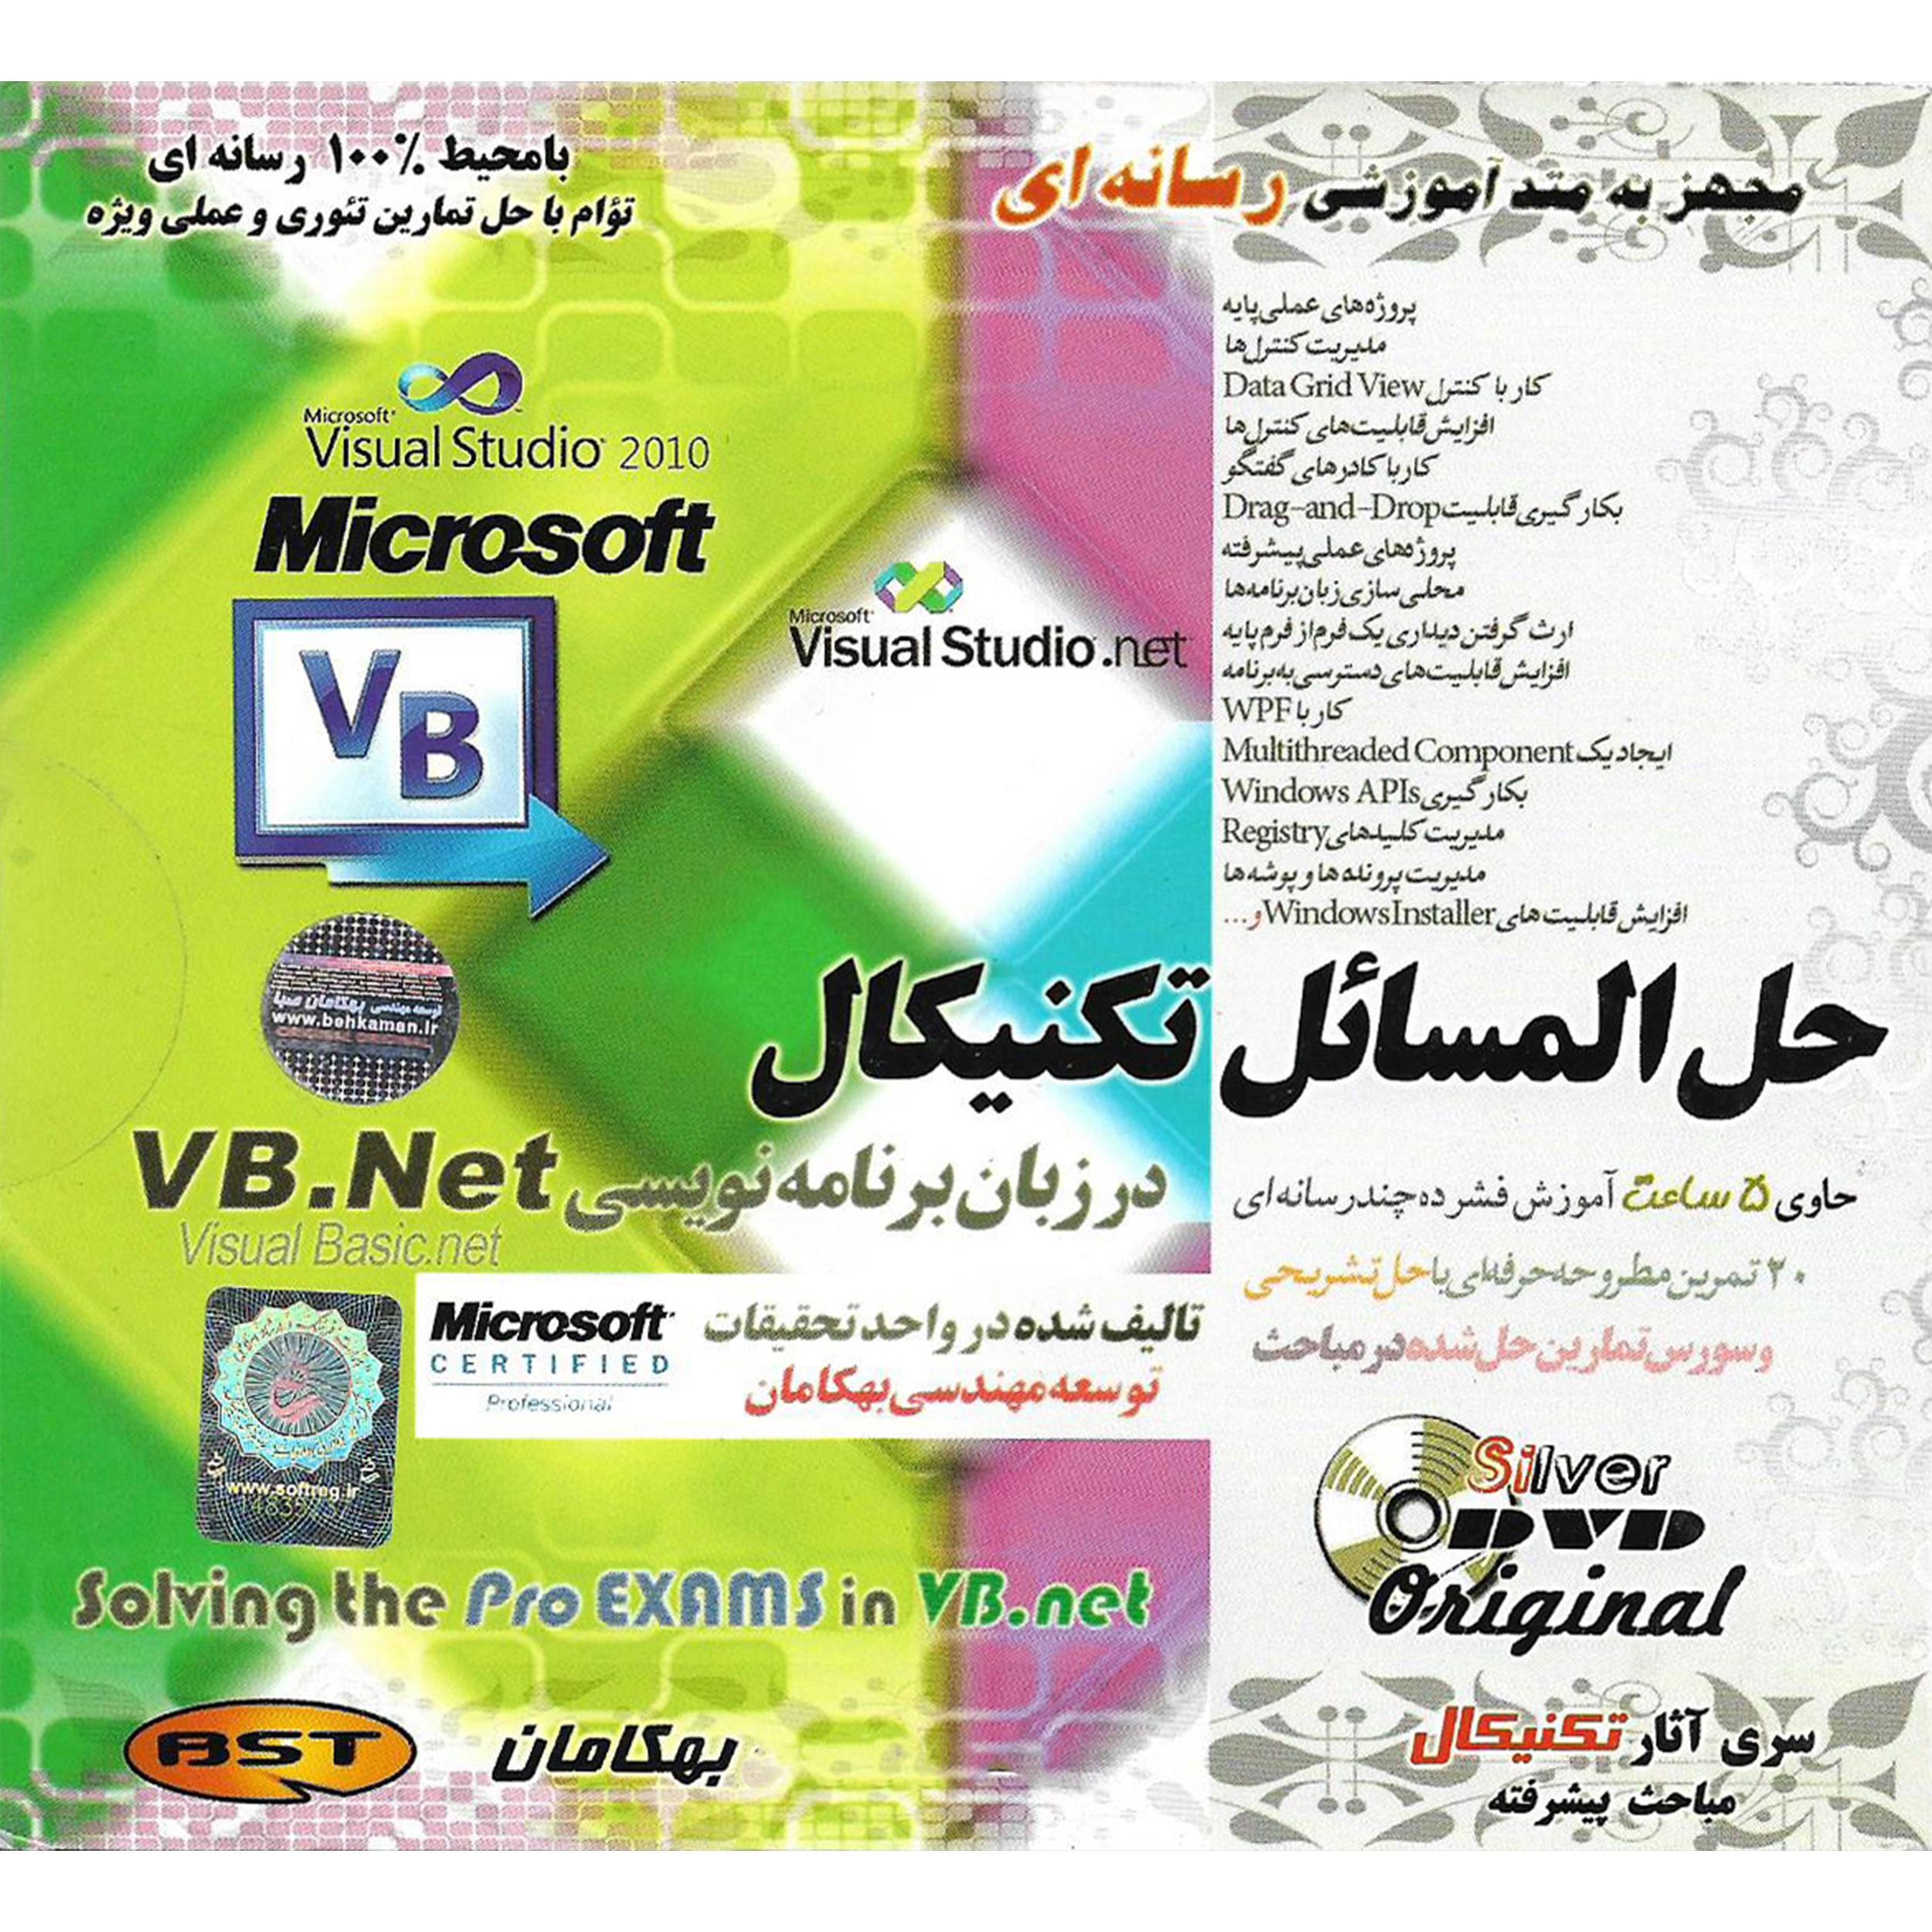 نرم افزار آموزش حل المسائل تکنیکال در زبان برنامه نویسی VB.NET نشر بهکامان